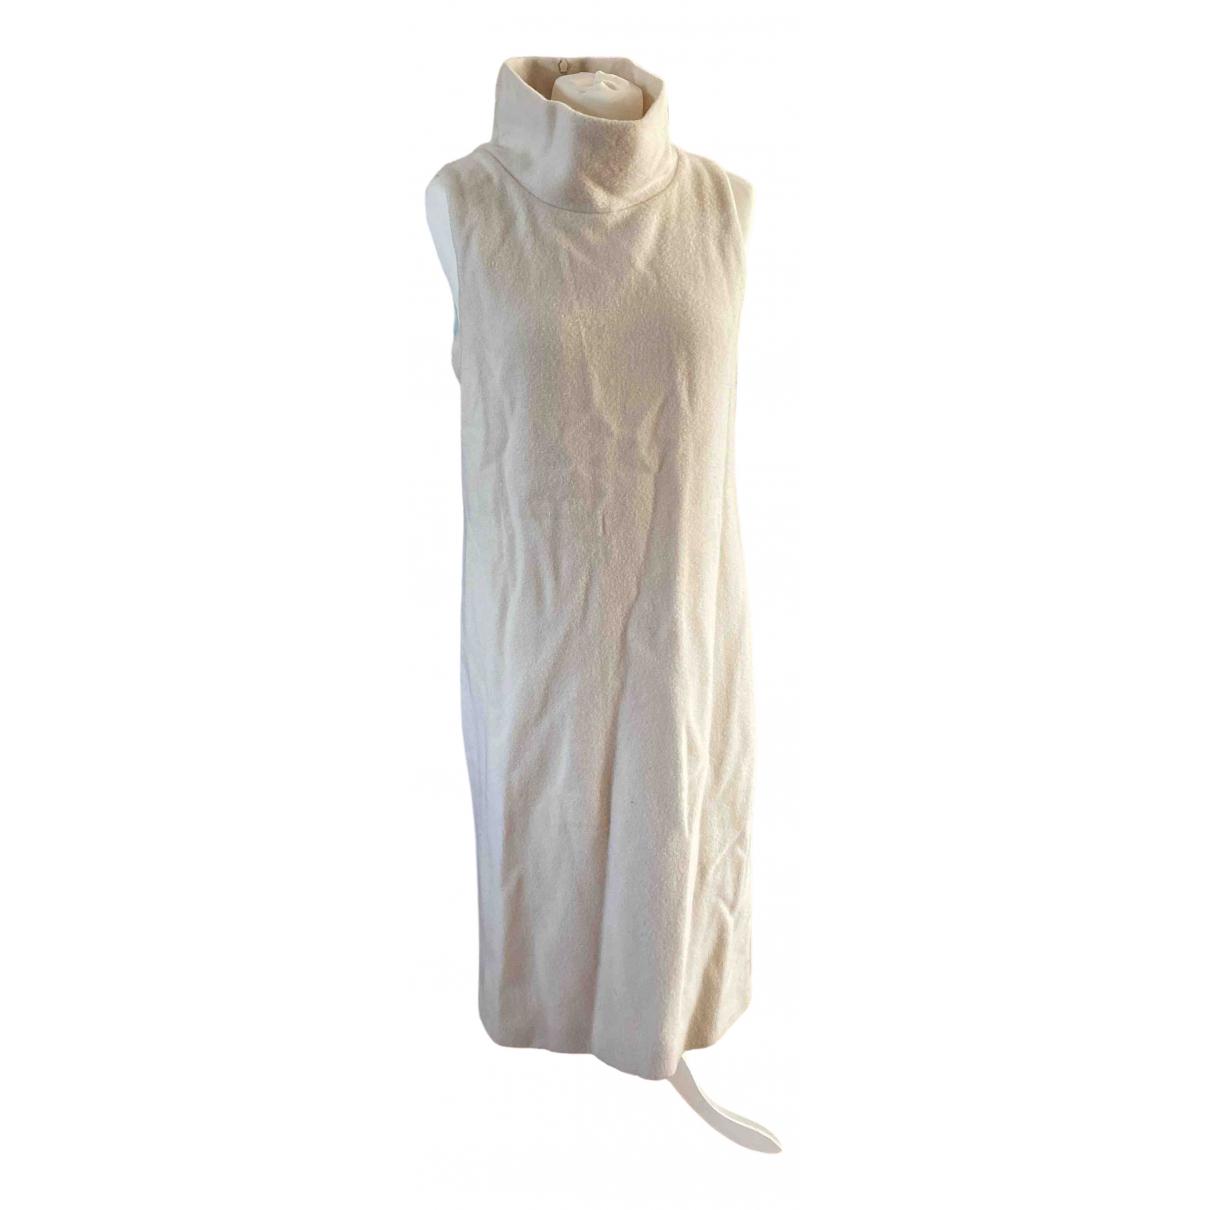 Max Mara \N Kleid in  Weiss Wolle